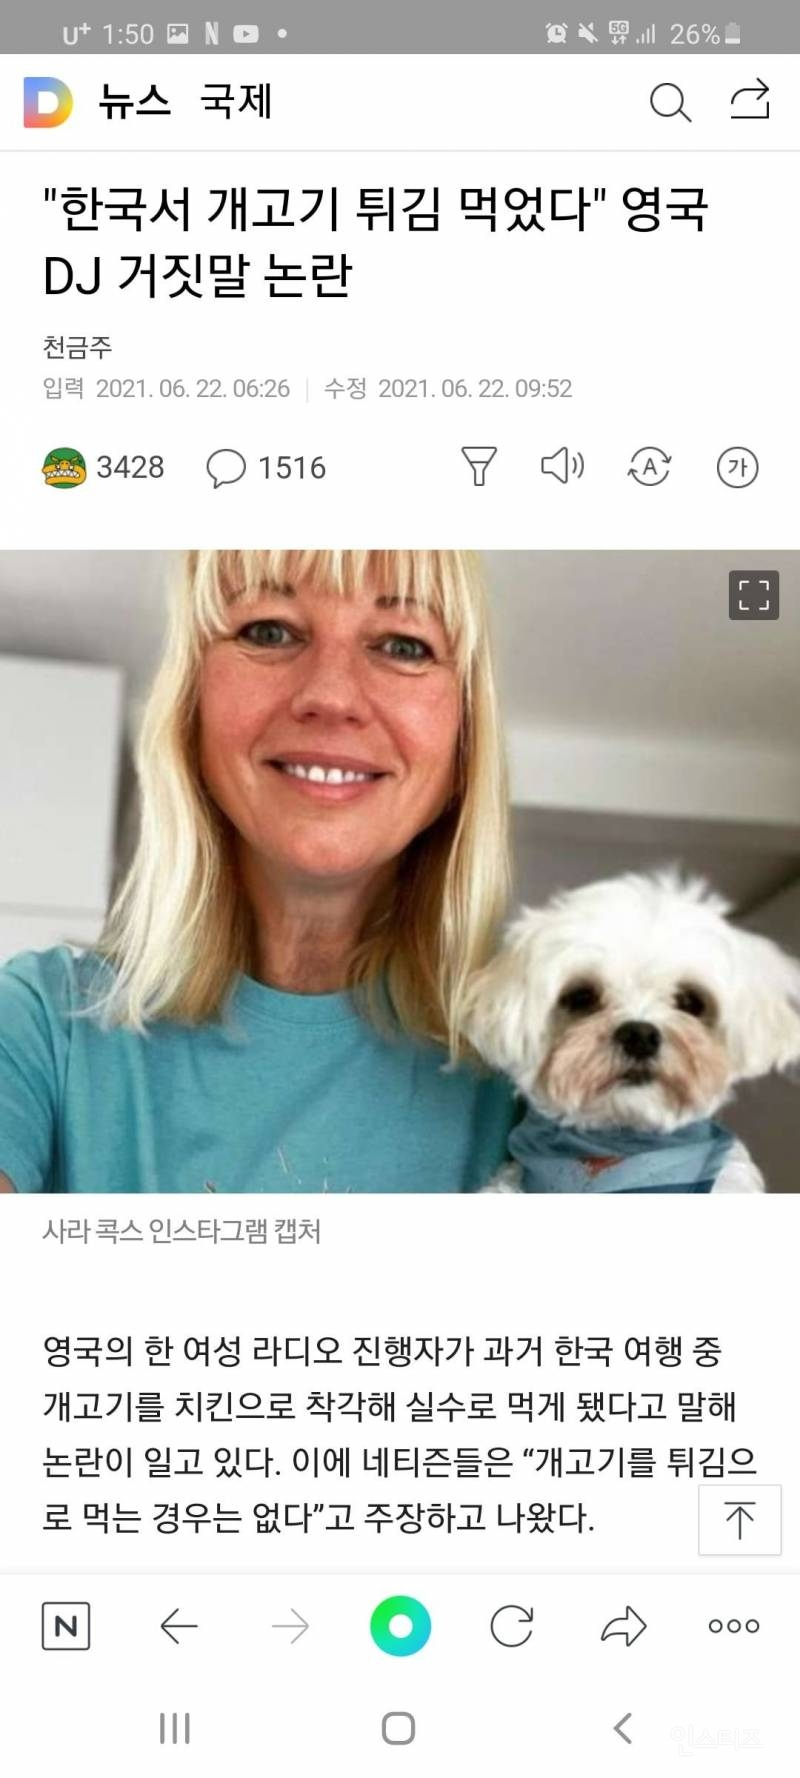 개고기 튀김으로 촉발된 강제 나이인증 현장 | 인스티즈